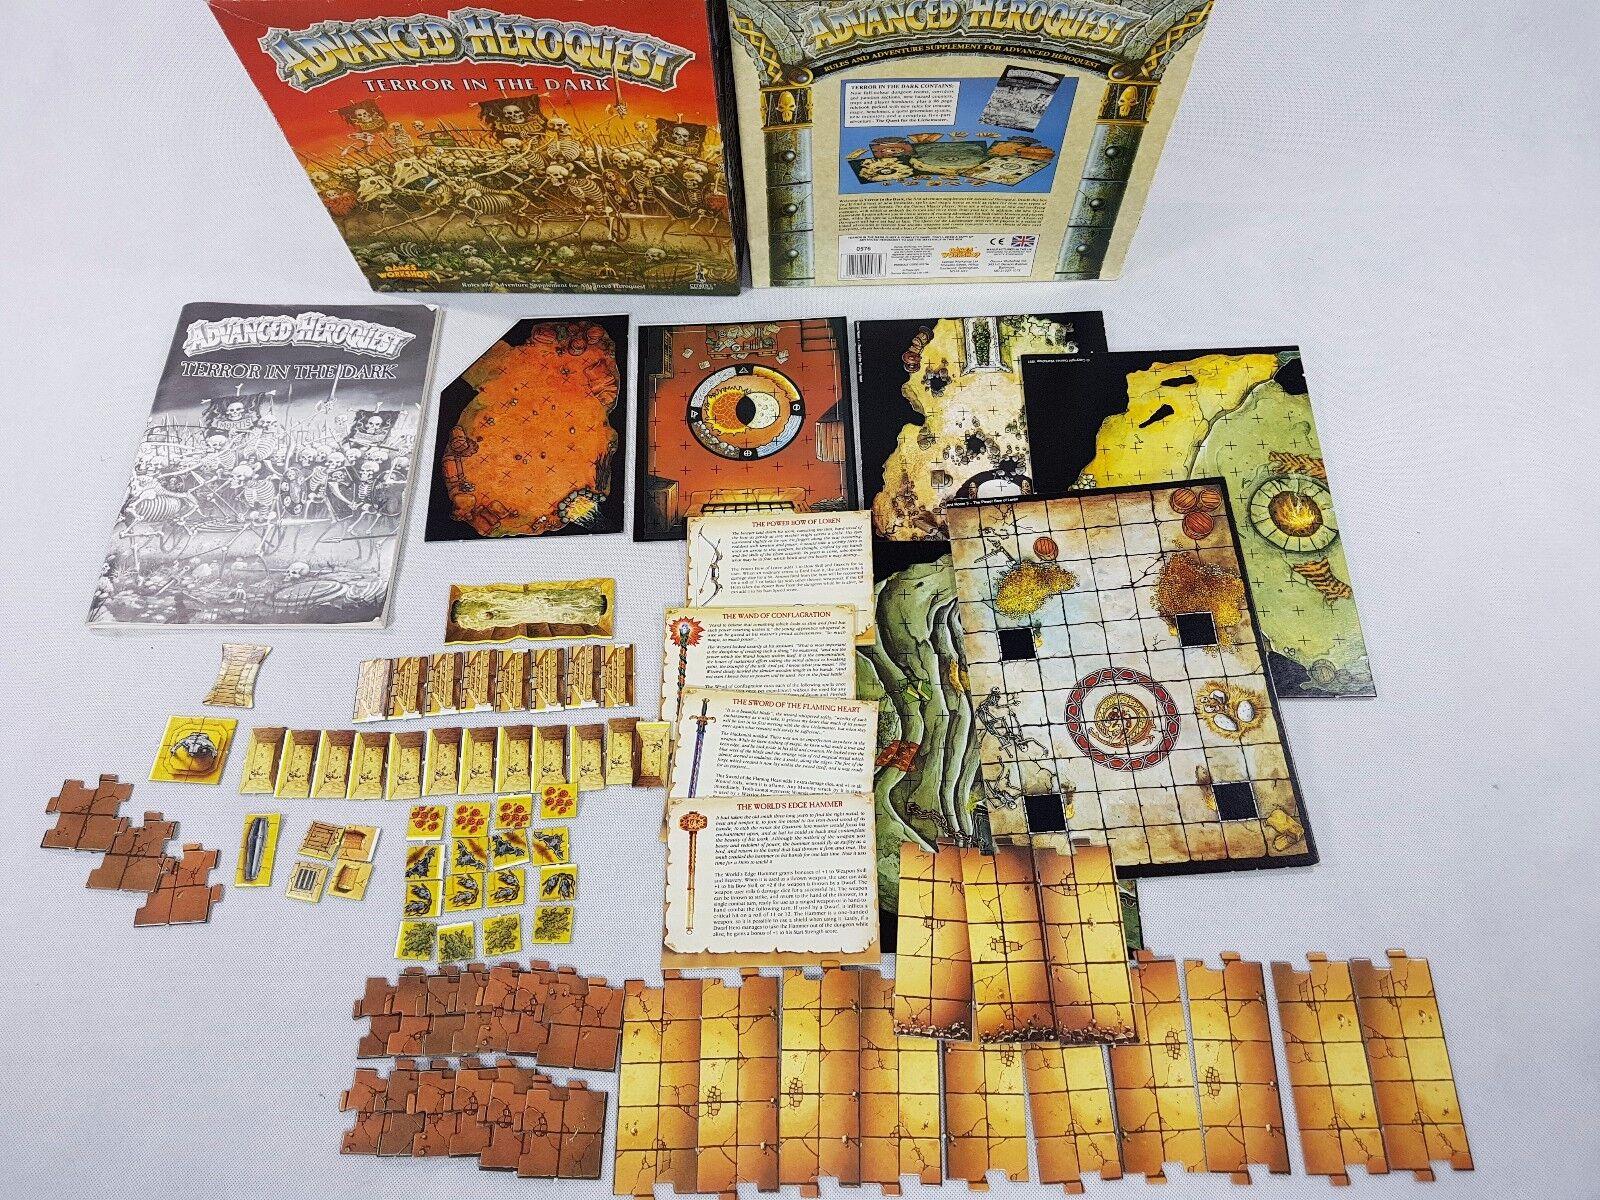 Avancerat Heroquest  TERROR I DARK komplett Hero Quest [ENG,1991]